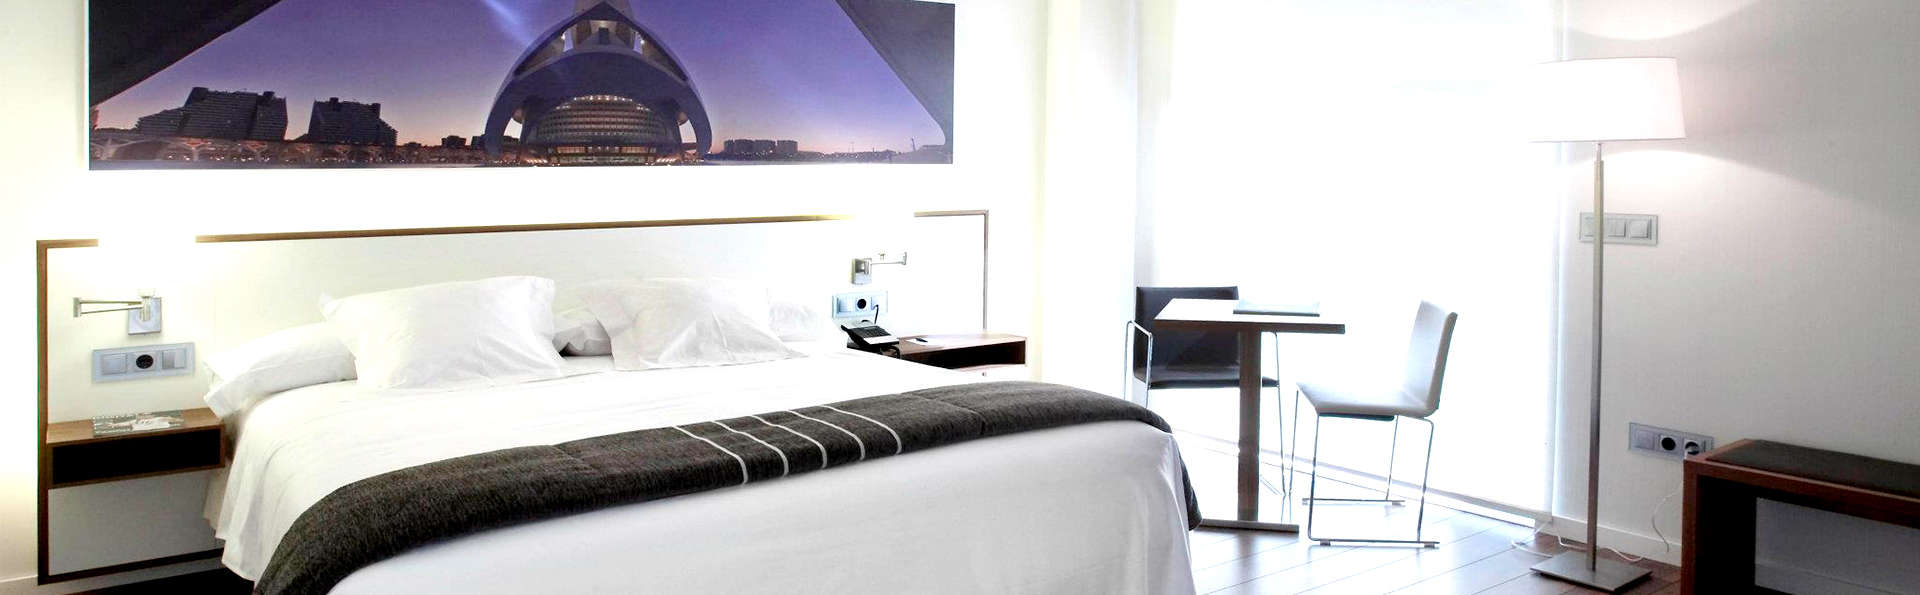 Escapade en chambre supérieure à Valence dans un hôtel d'avant-garde